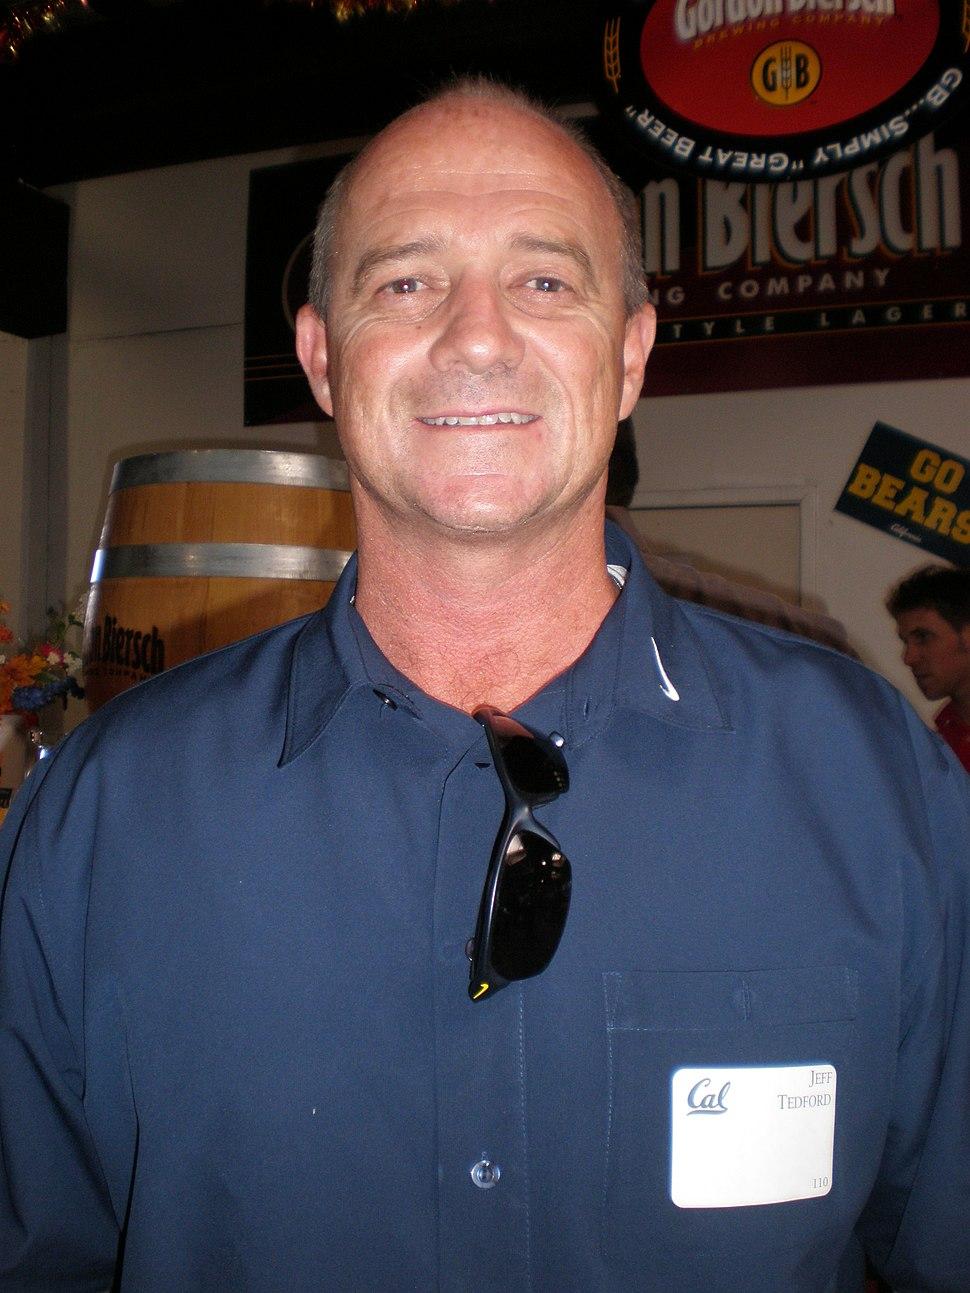 Jeff Tedford at 2009 Coaches Tour in SJ 1